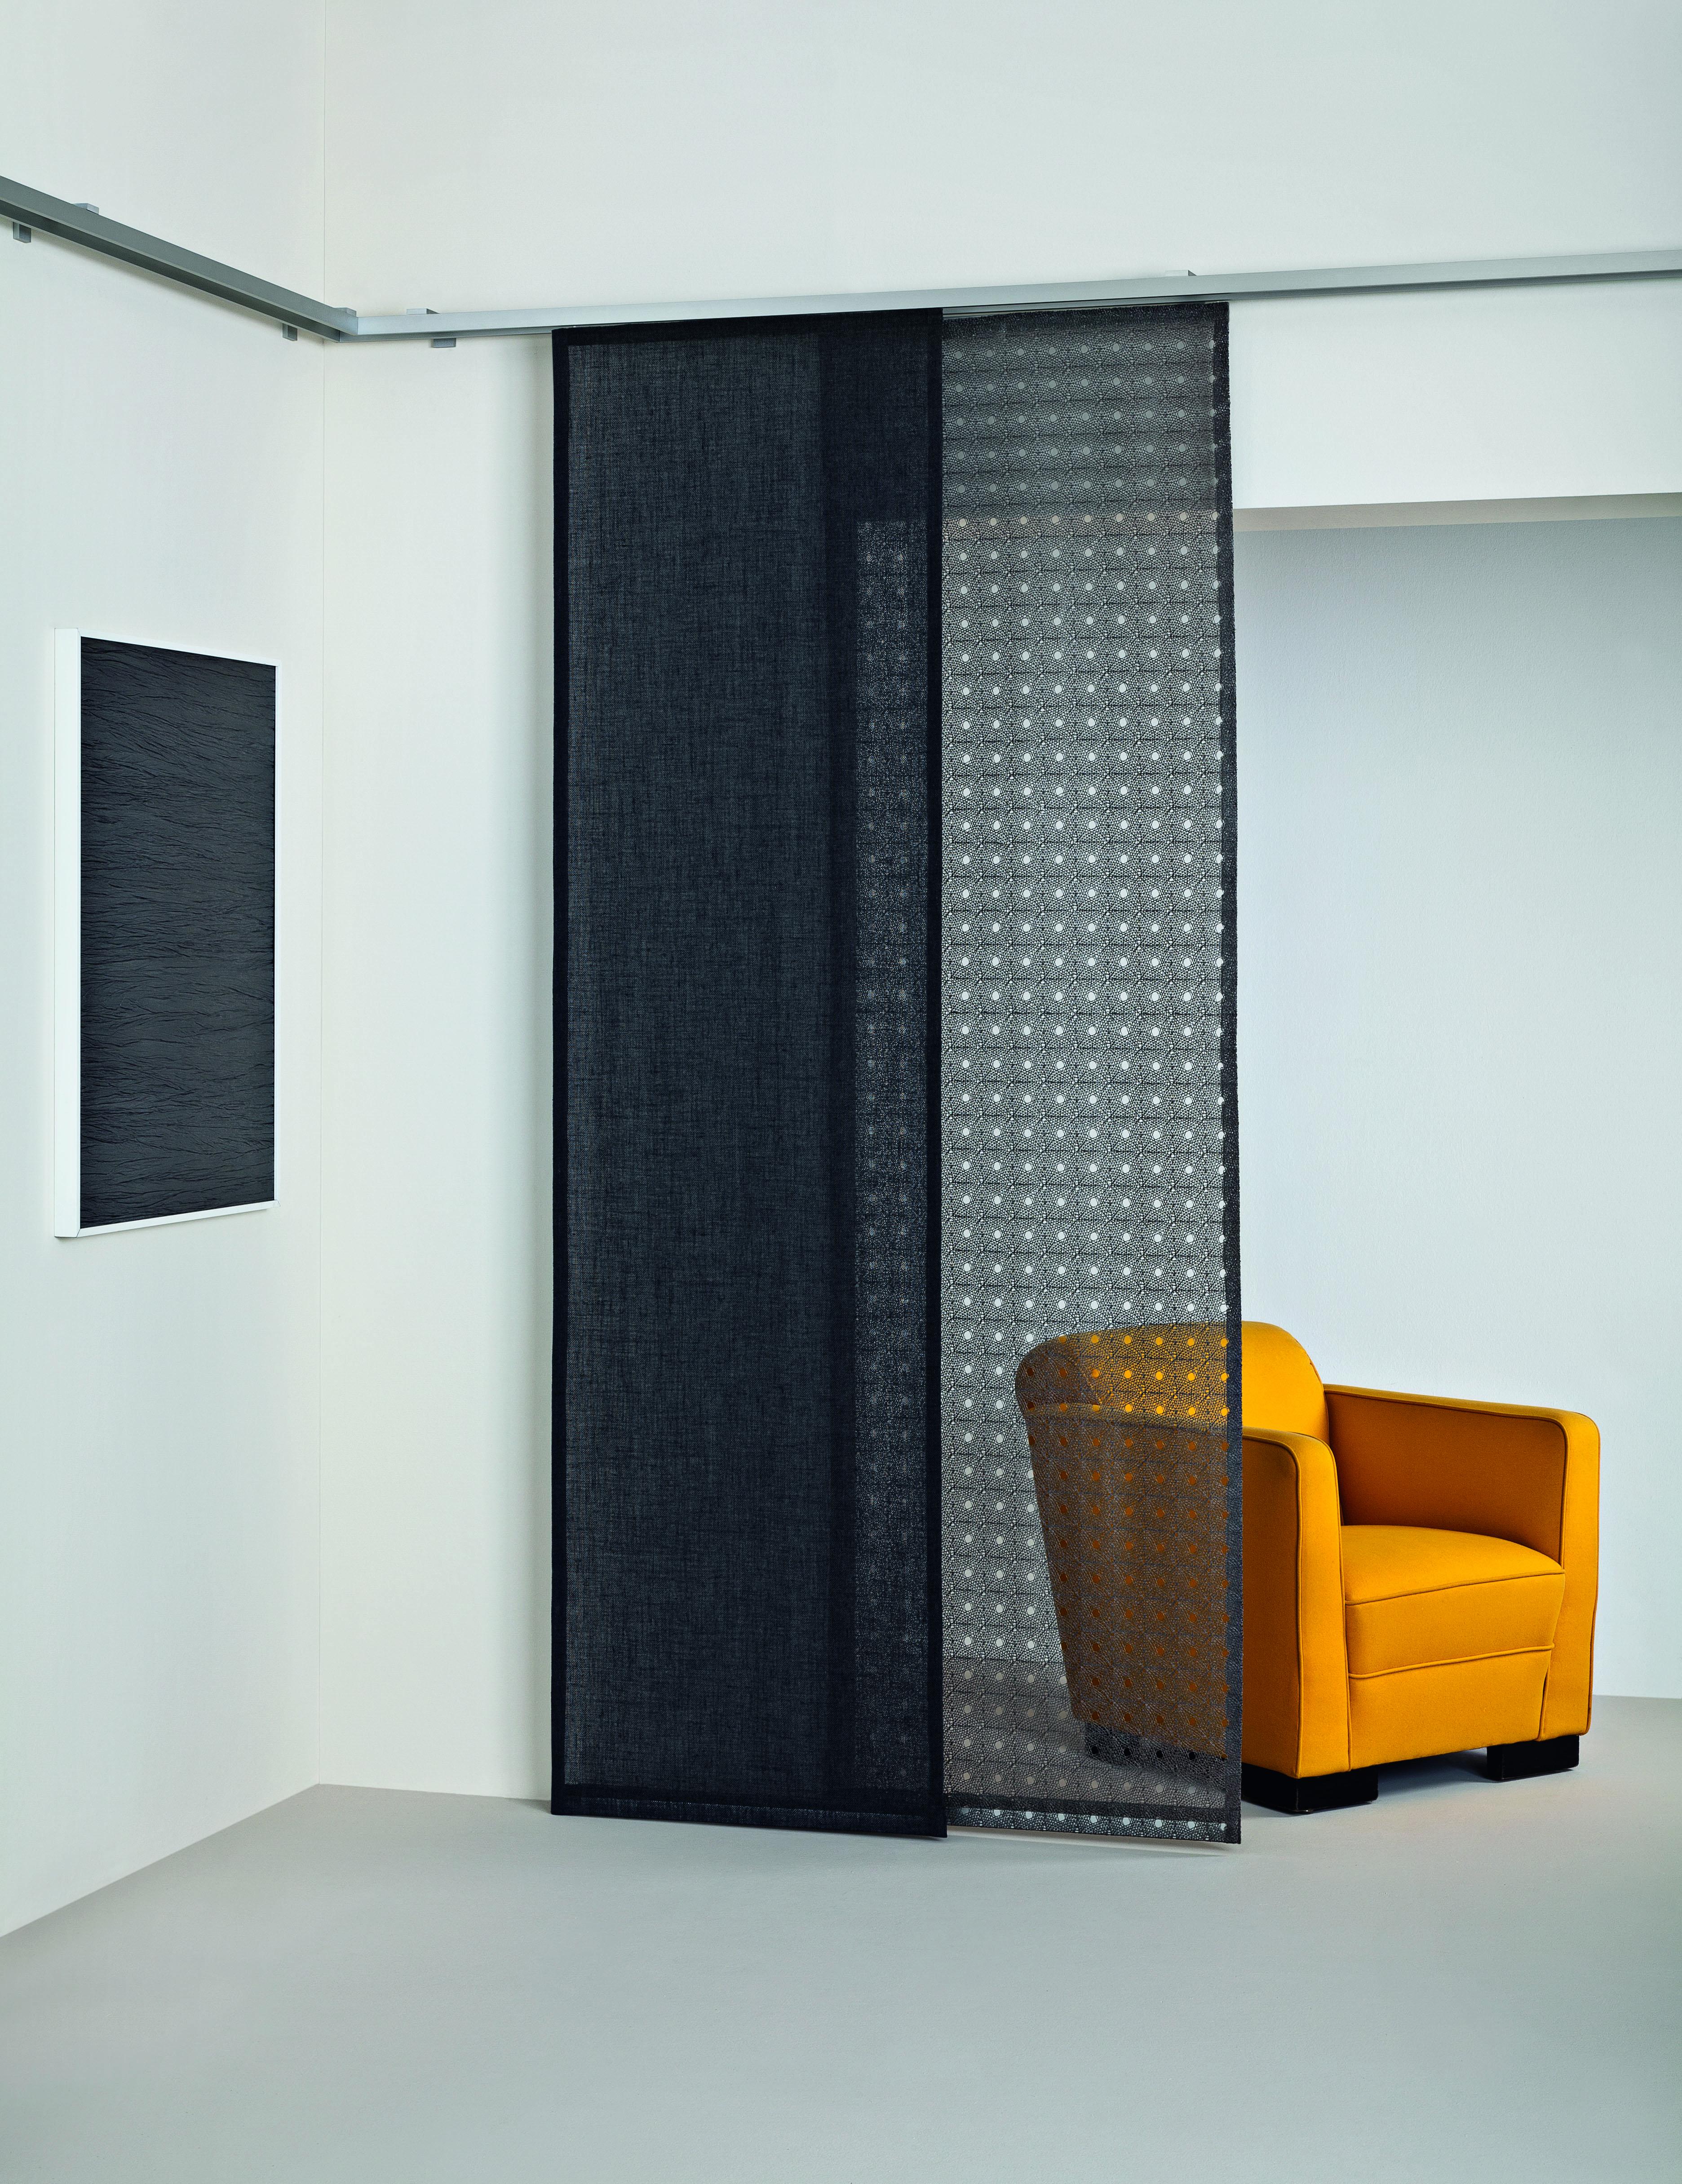 Raumausstatter gardinen galerie  Gardinen Galerie